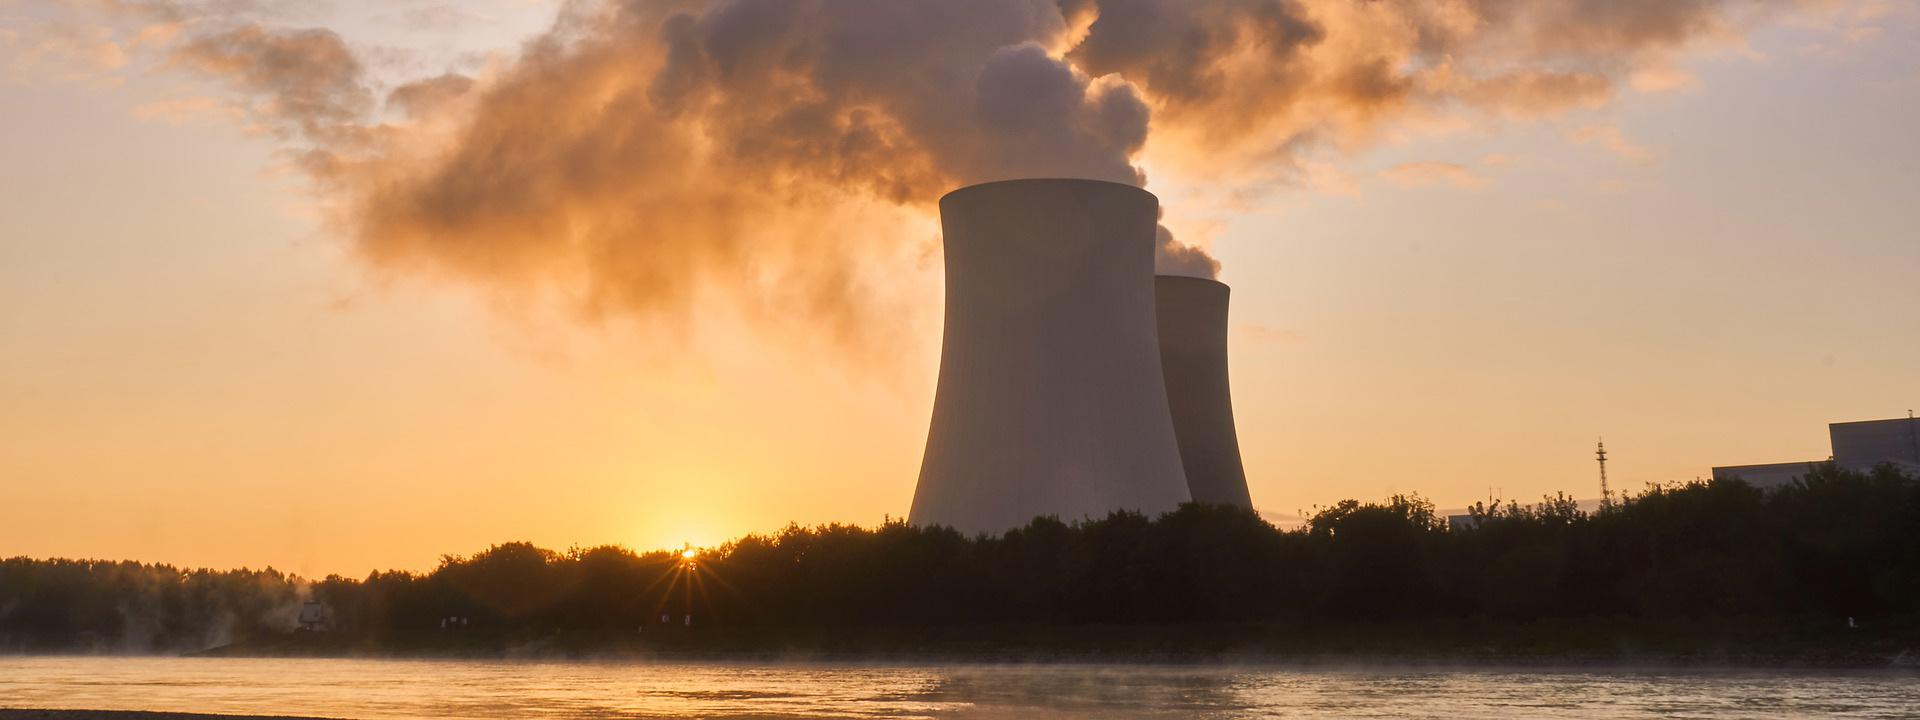 Возобновляемая энергетика стройка века